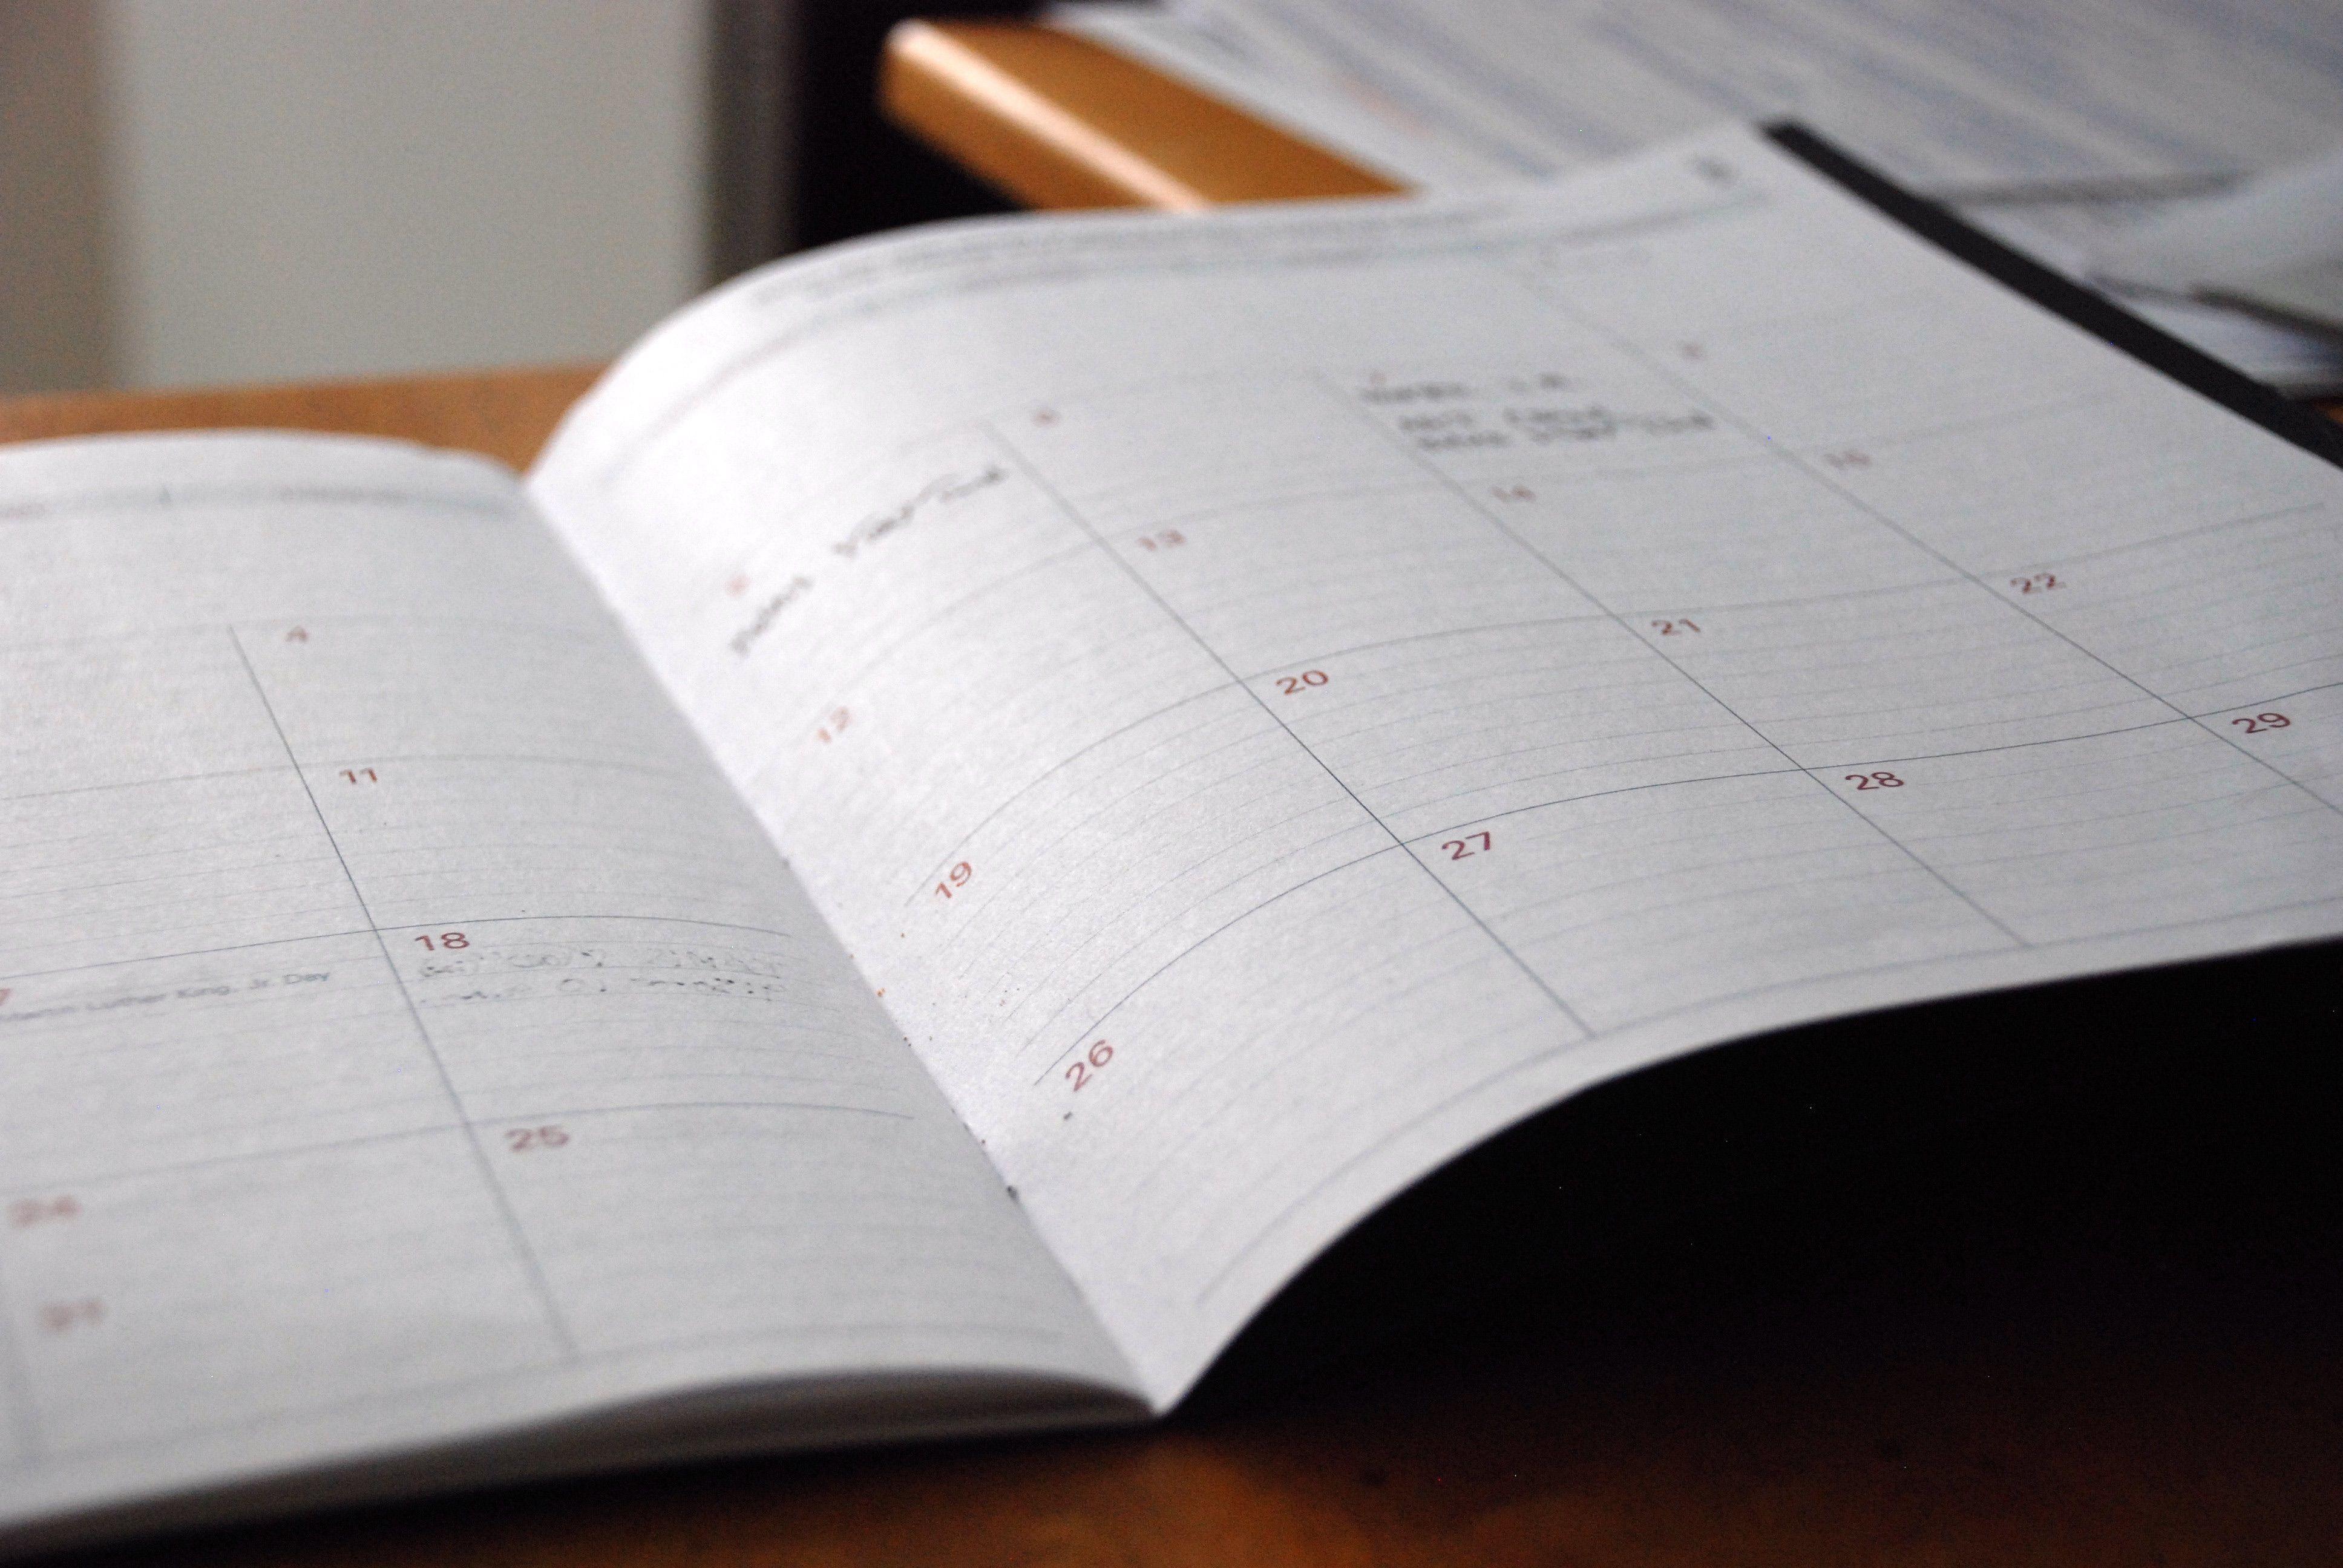 ежедневник календарь diary calendar  № 3205228 без смс